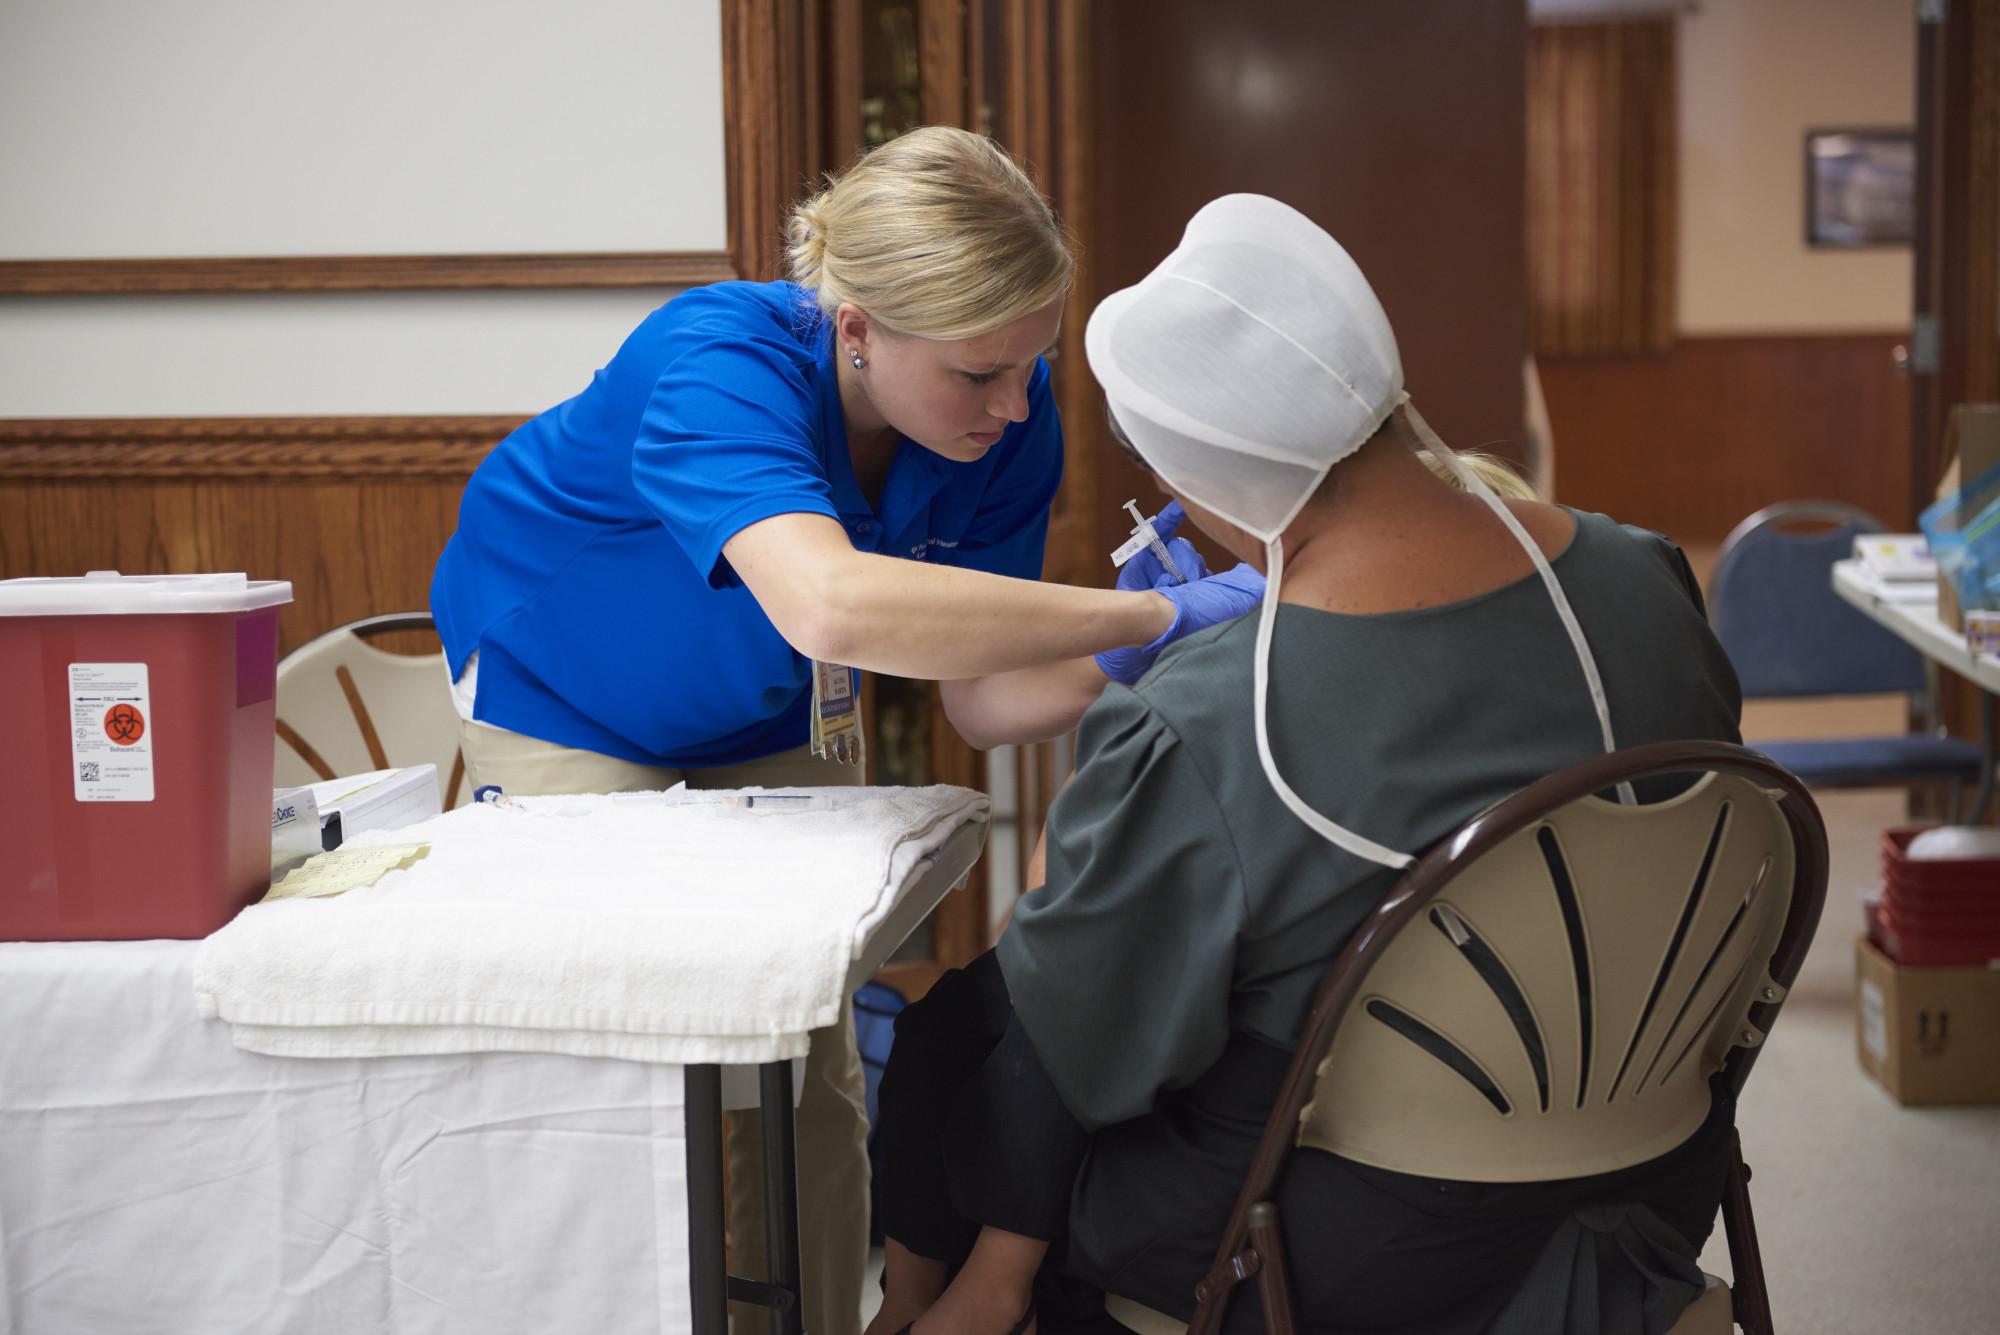 Người dân Amish không cảm thấy tự tin khi đến các điểm tiêm vắc xin - Ảnh: Peggy Peterson Photography